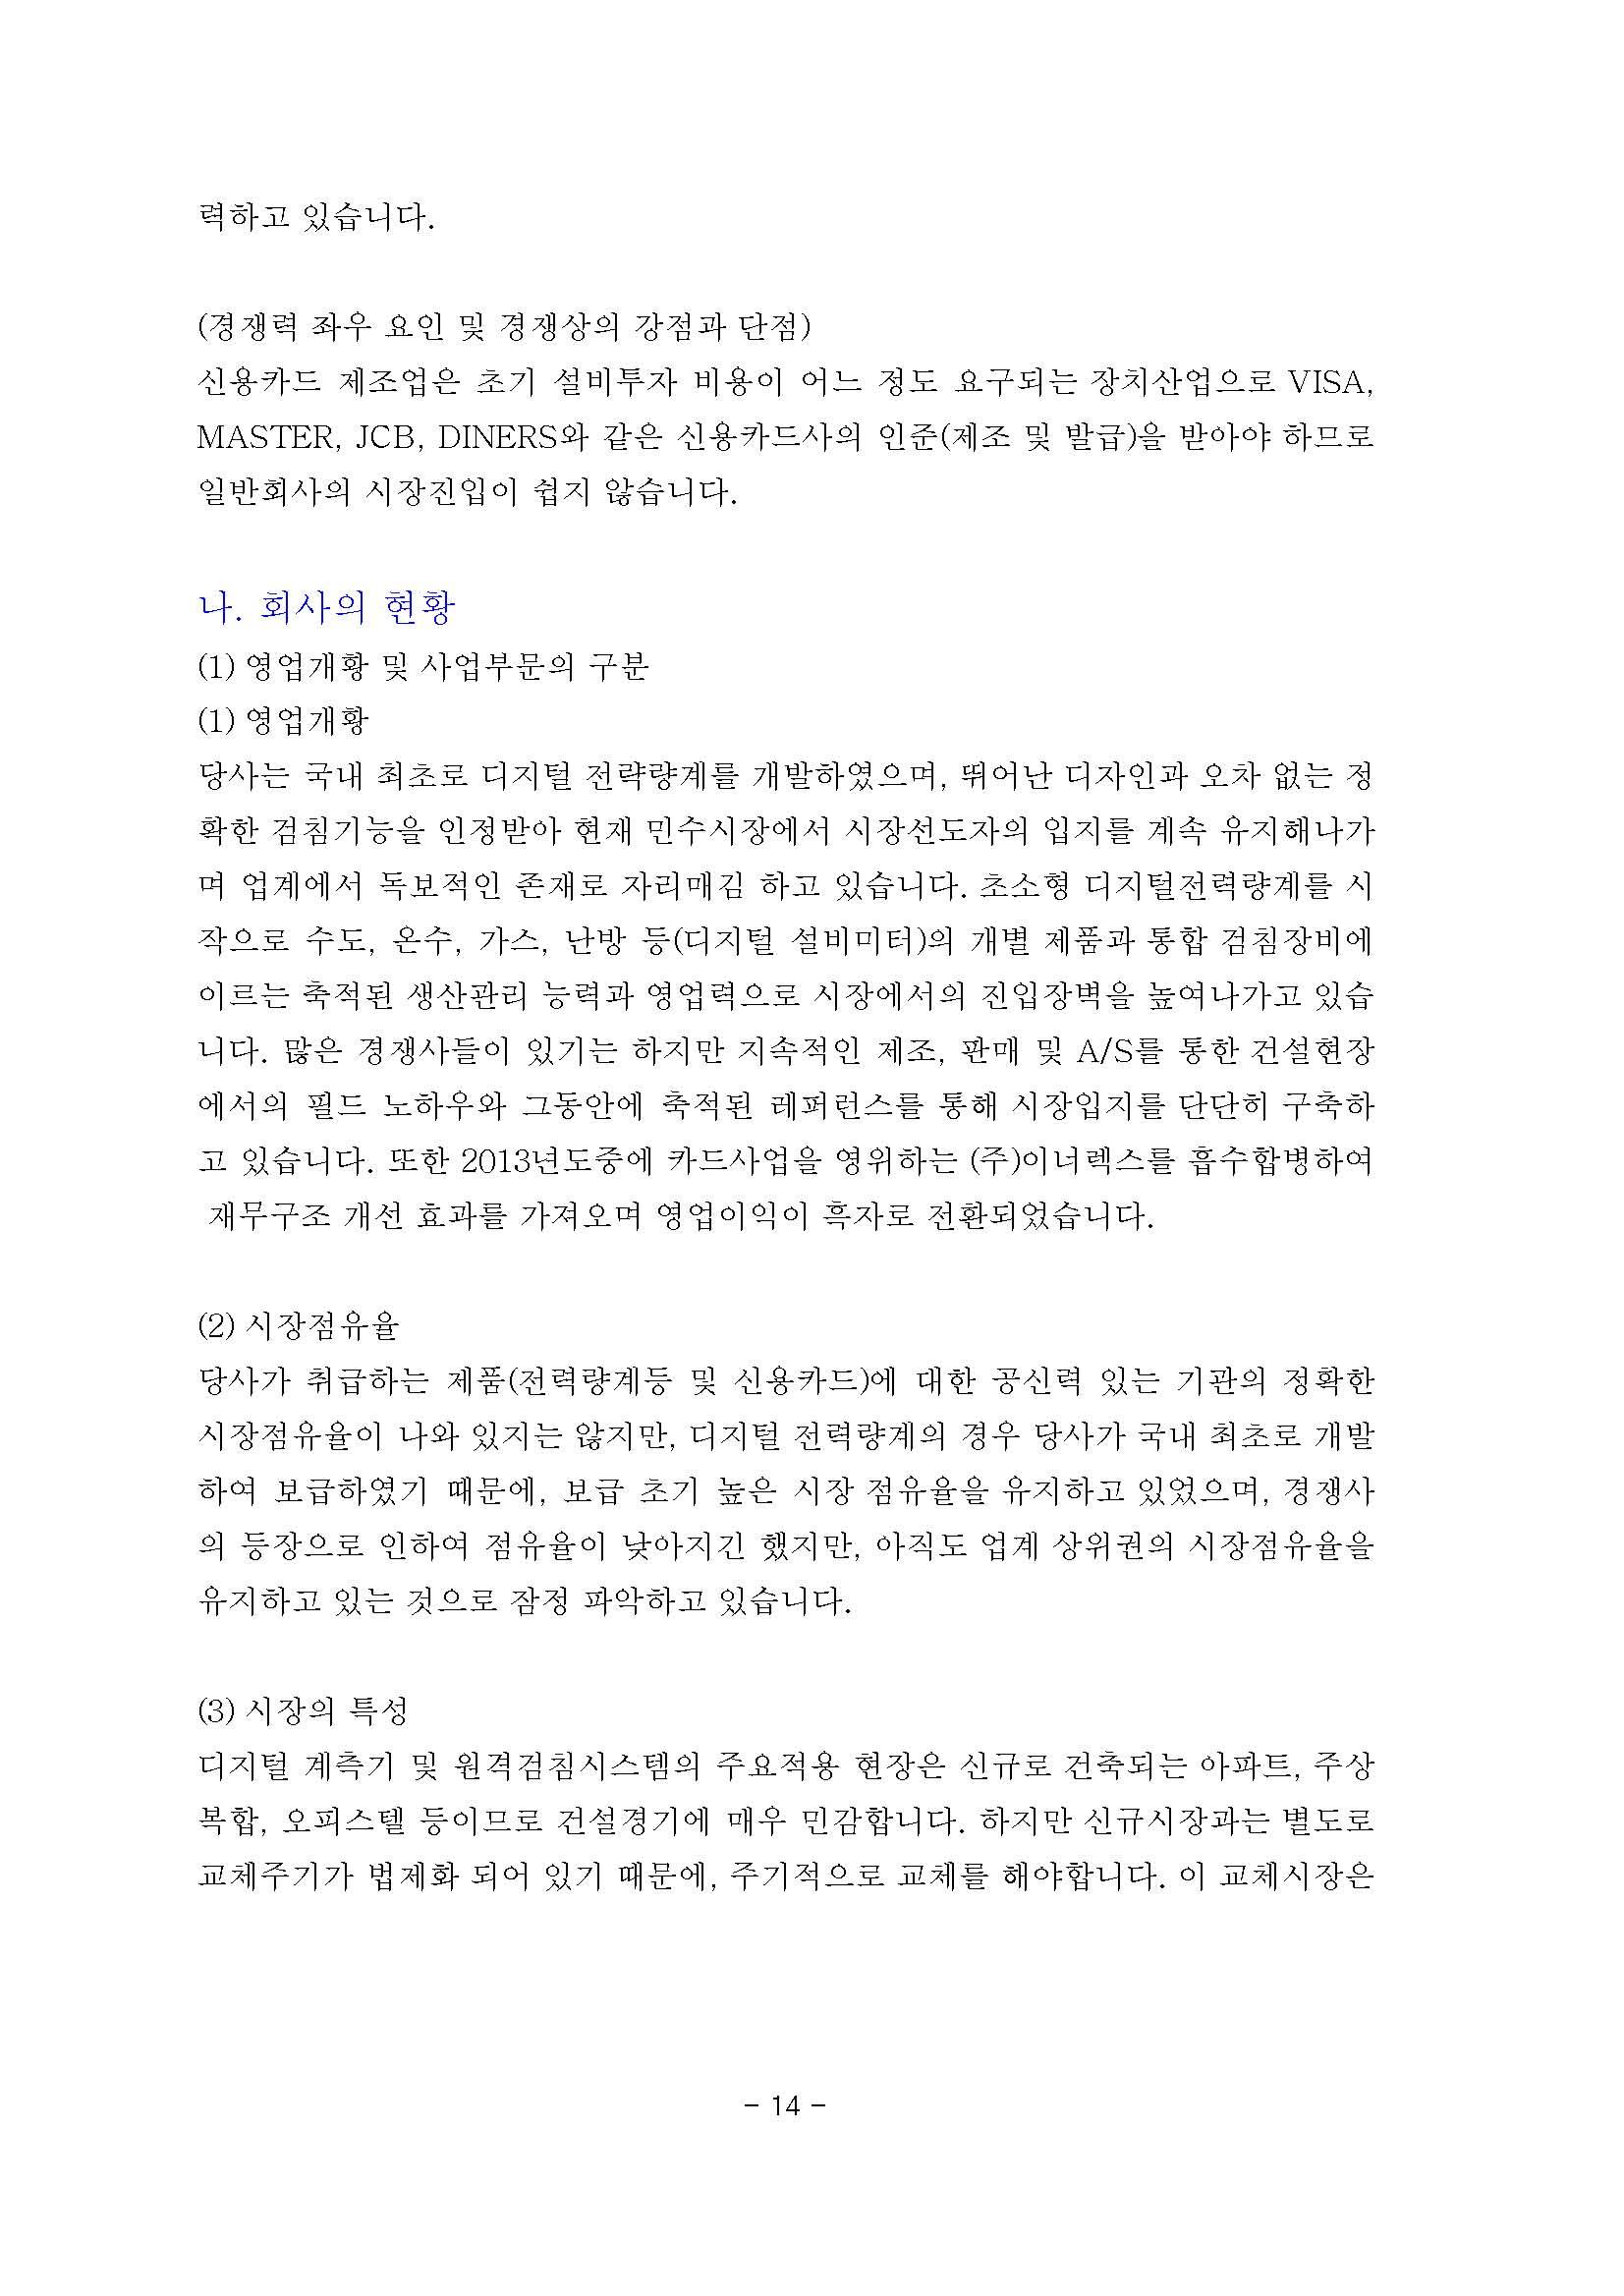 20180309 주주총회 소집공고-옴니시스템_페이지_15.jpg